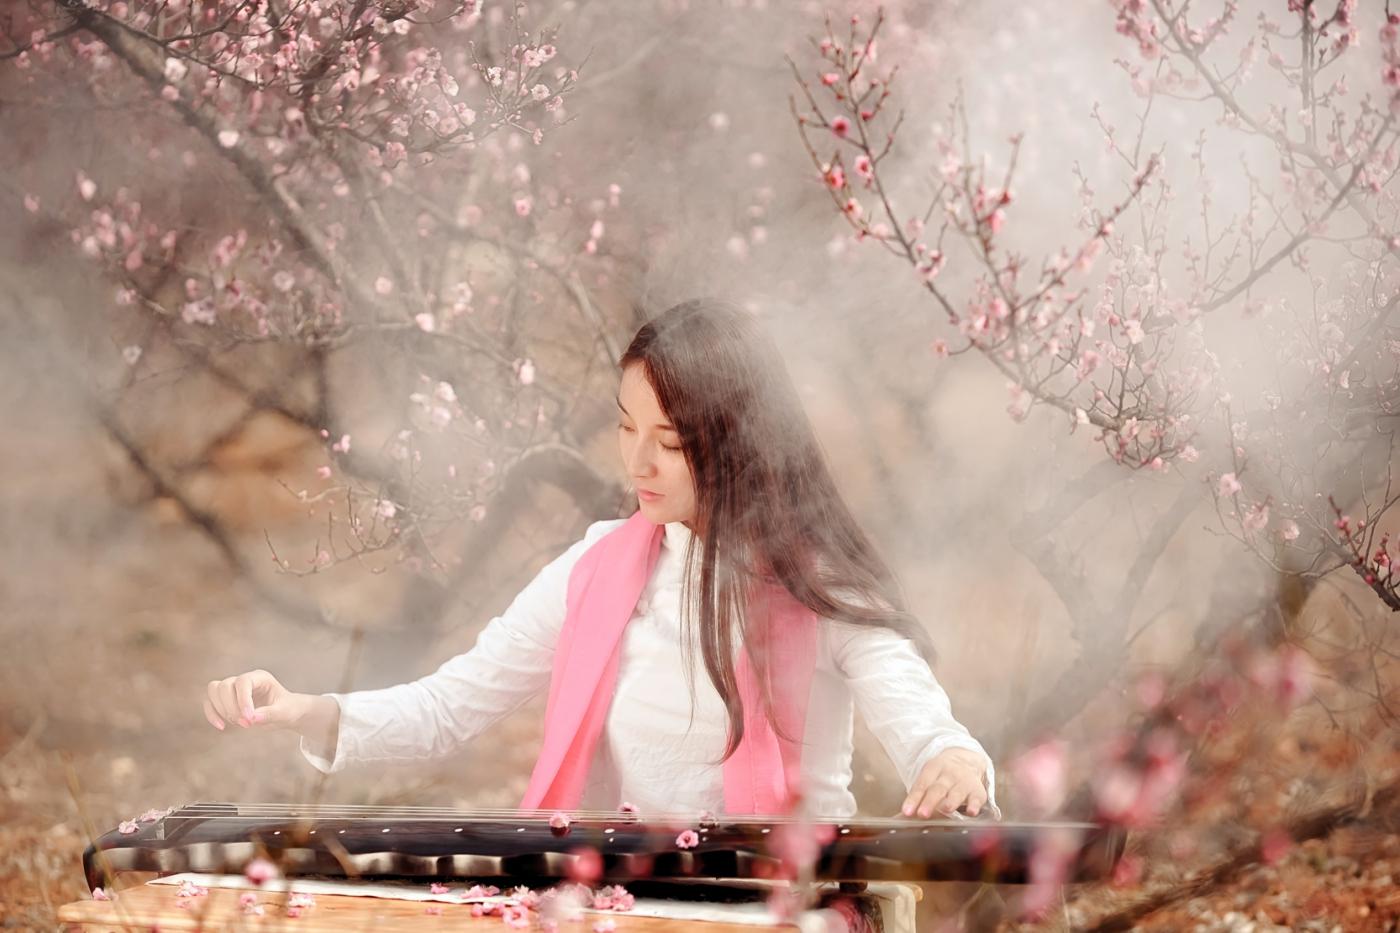 费县的春天从鲜花烂漫的梅林和女孩张诗奇的偶遇开始_图1-10